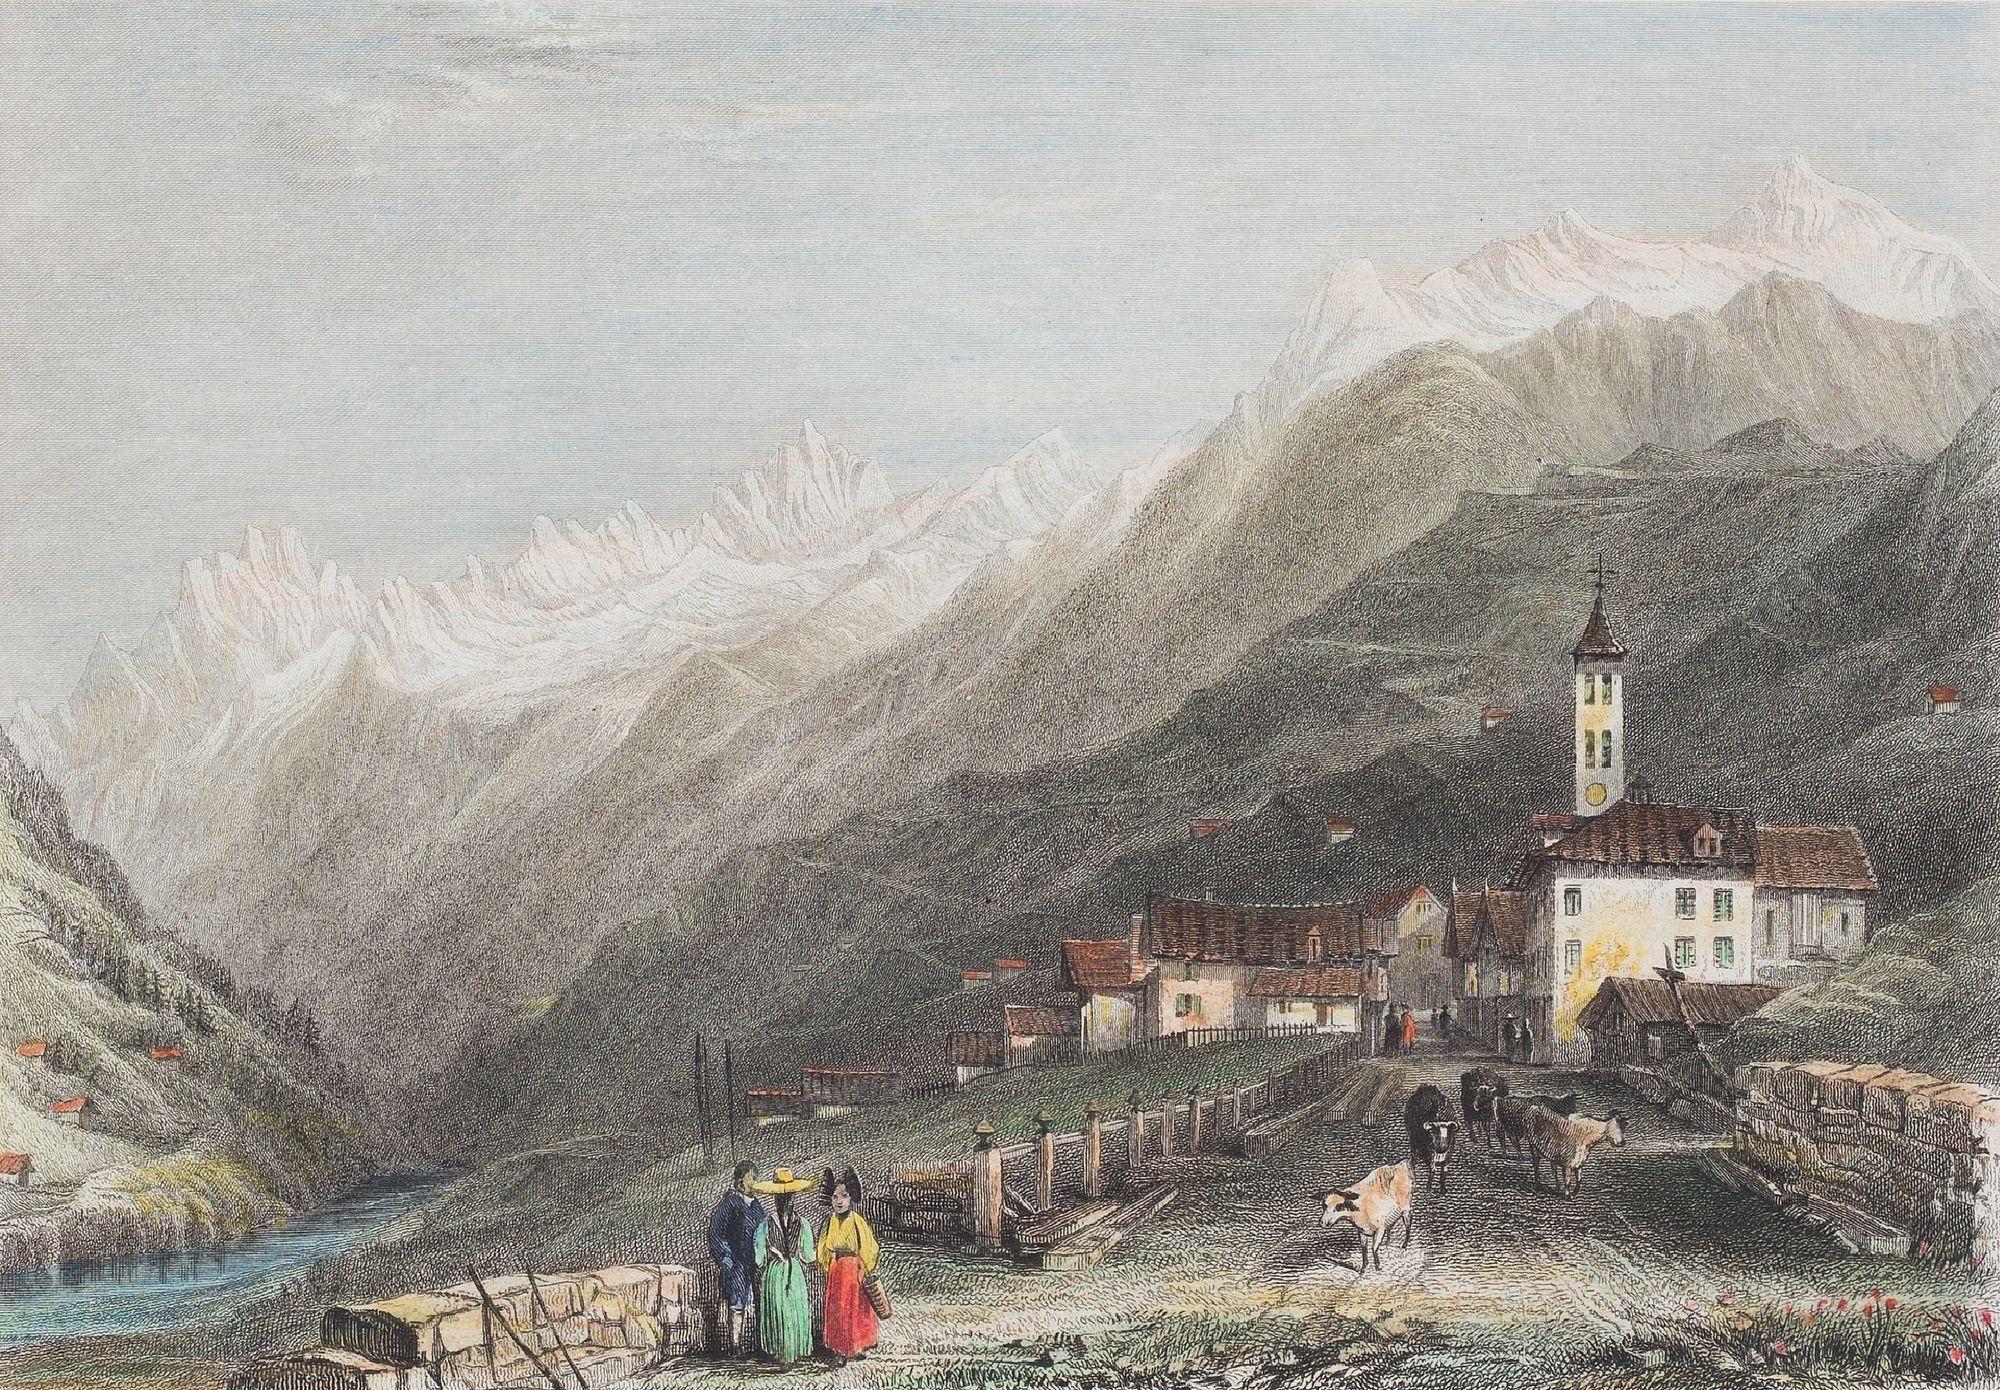 Première route de montagne | Portail Alptransit